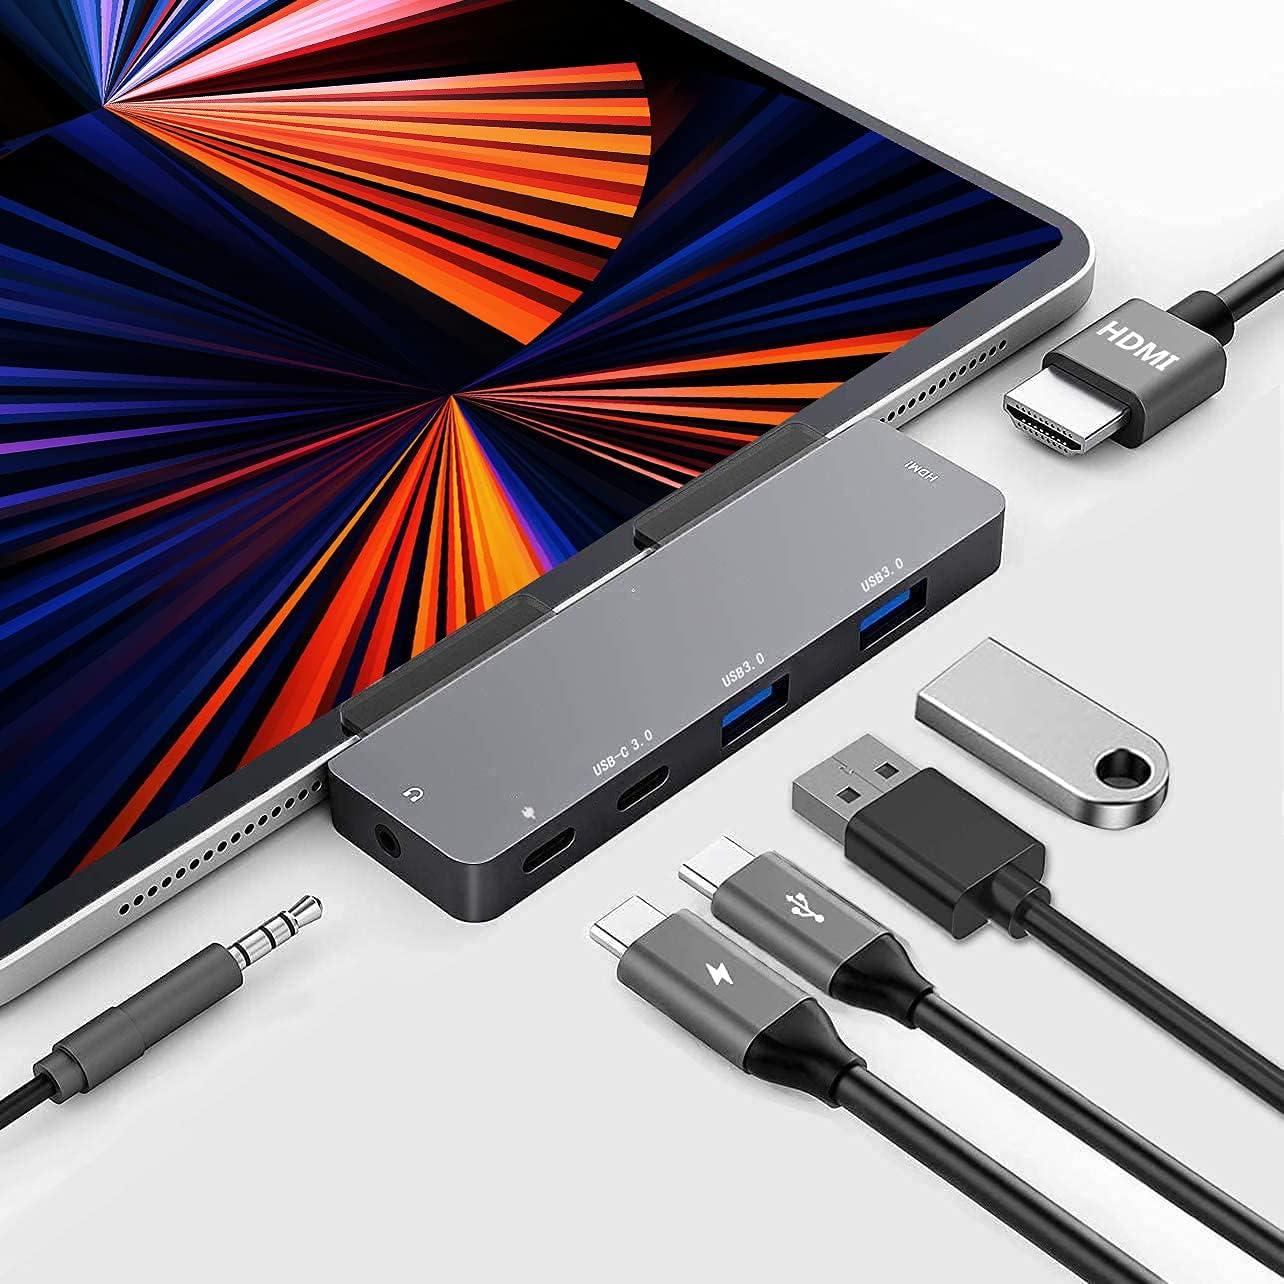 USB C Hub for iPad Pro - 6 in 1, Accessories for iPad Pro 2021 2020 2018 Multiport Adapter, 2 USB 3.0, 4K HDMI, 3.5mm Headphone Jack, USB C Data Port, 60W PD